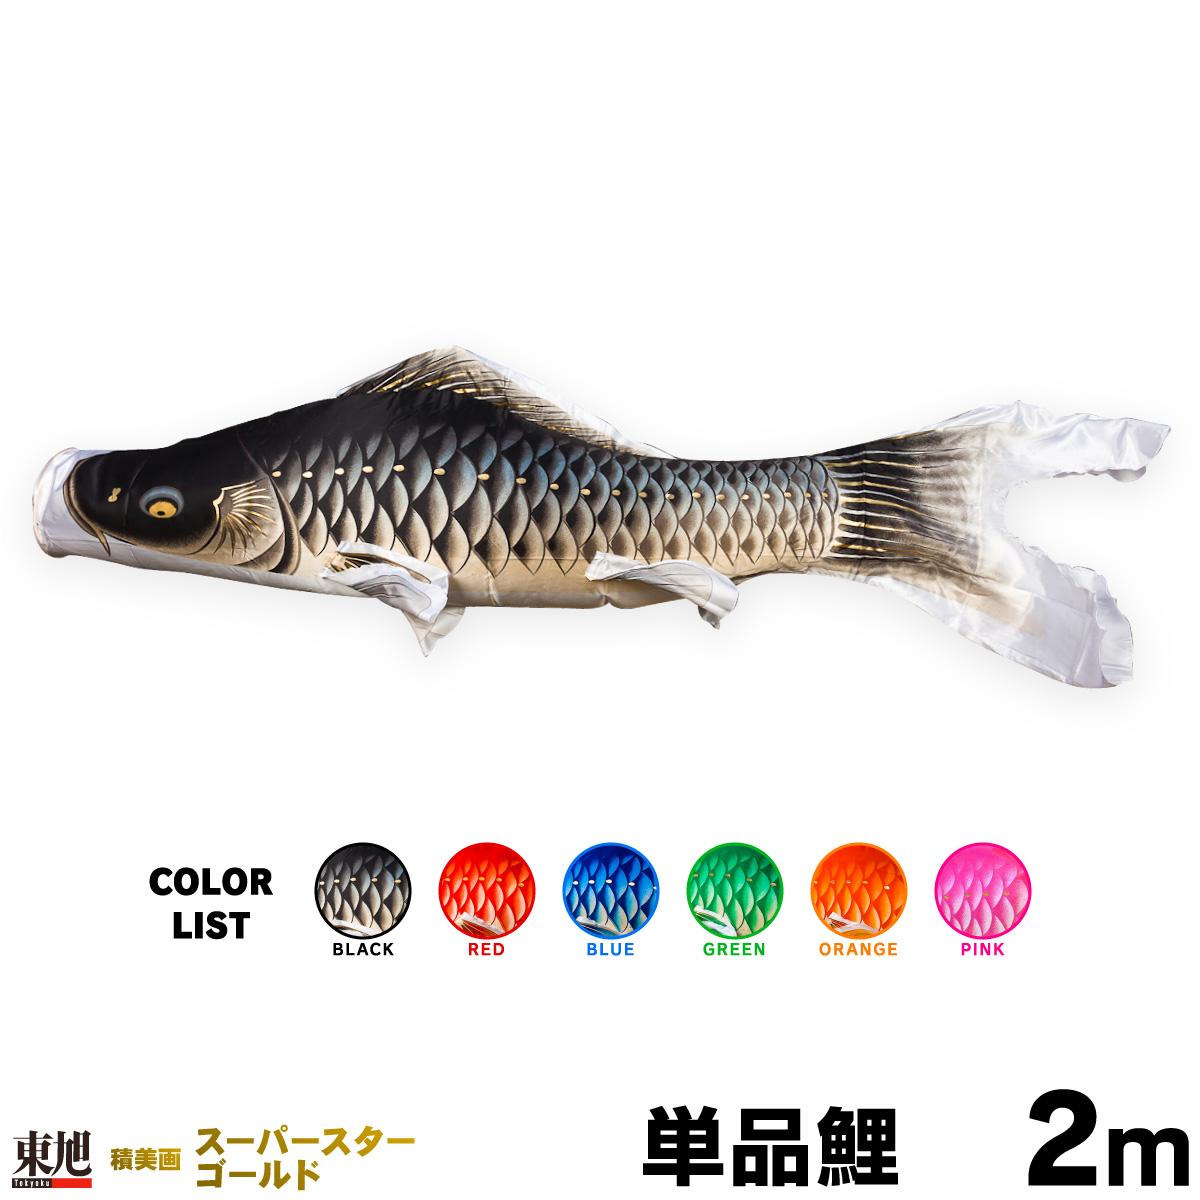 【こいのぼり 単品】 積美画スーパースターゴールド 2m 単品鯉